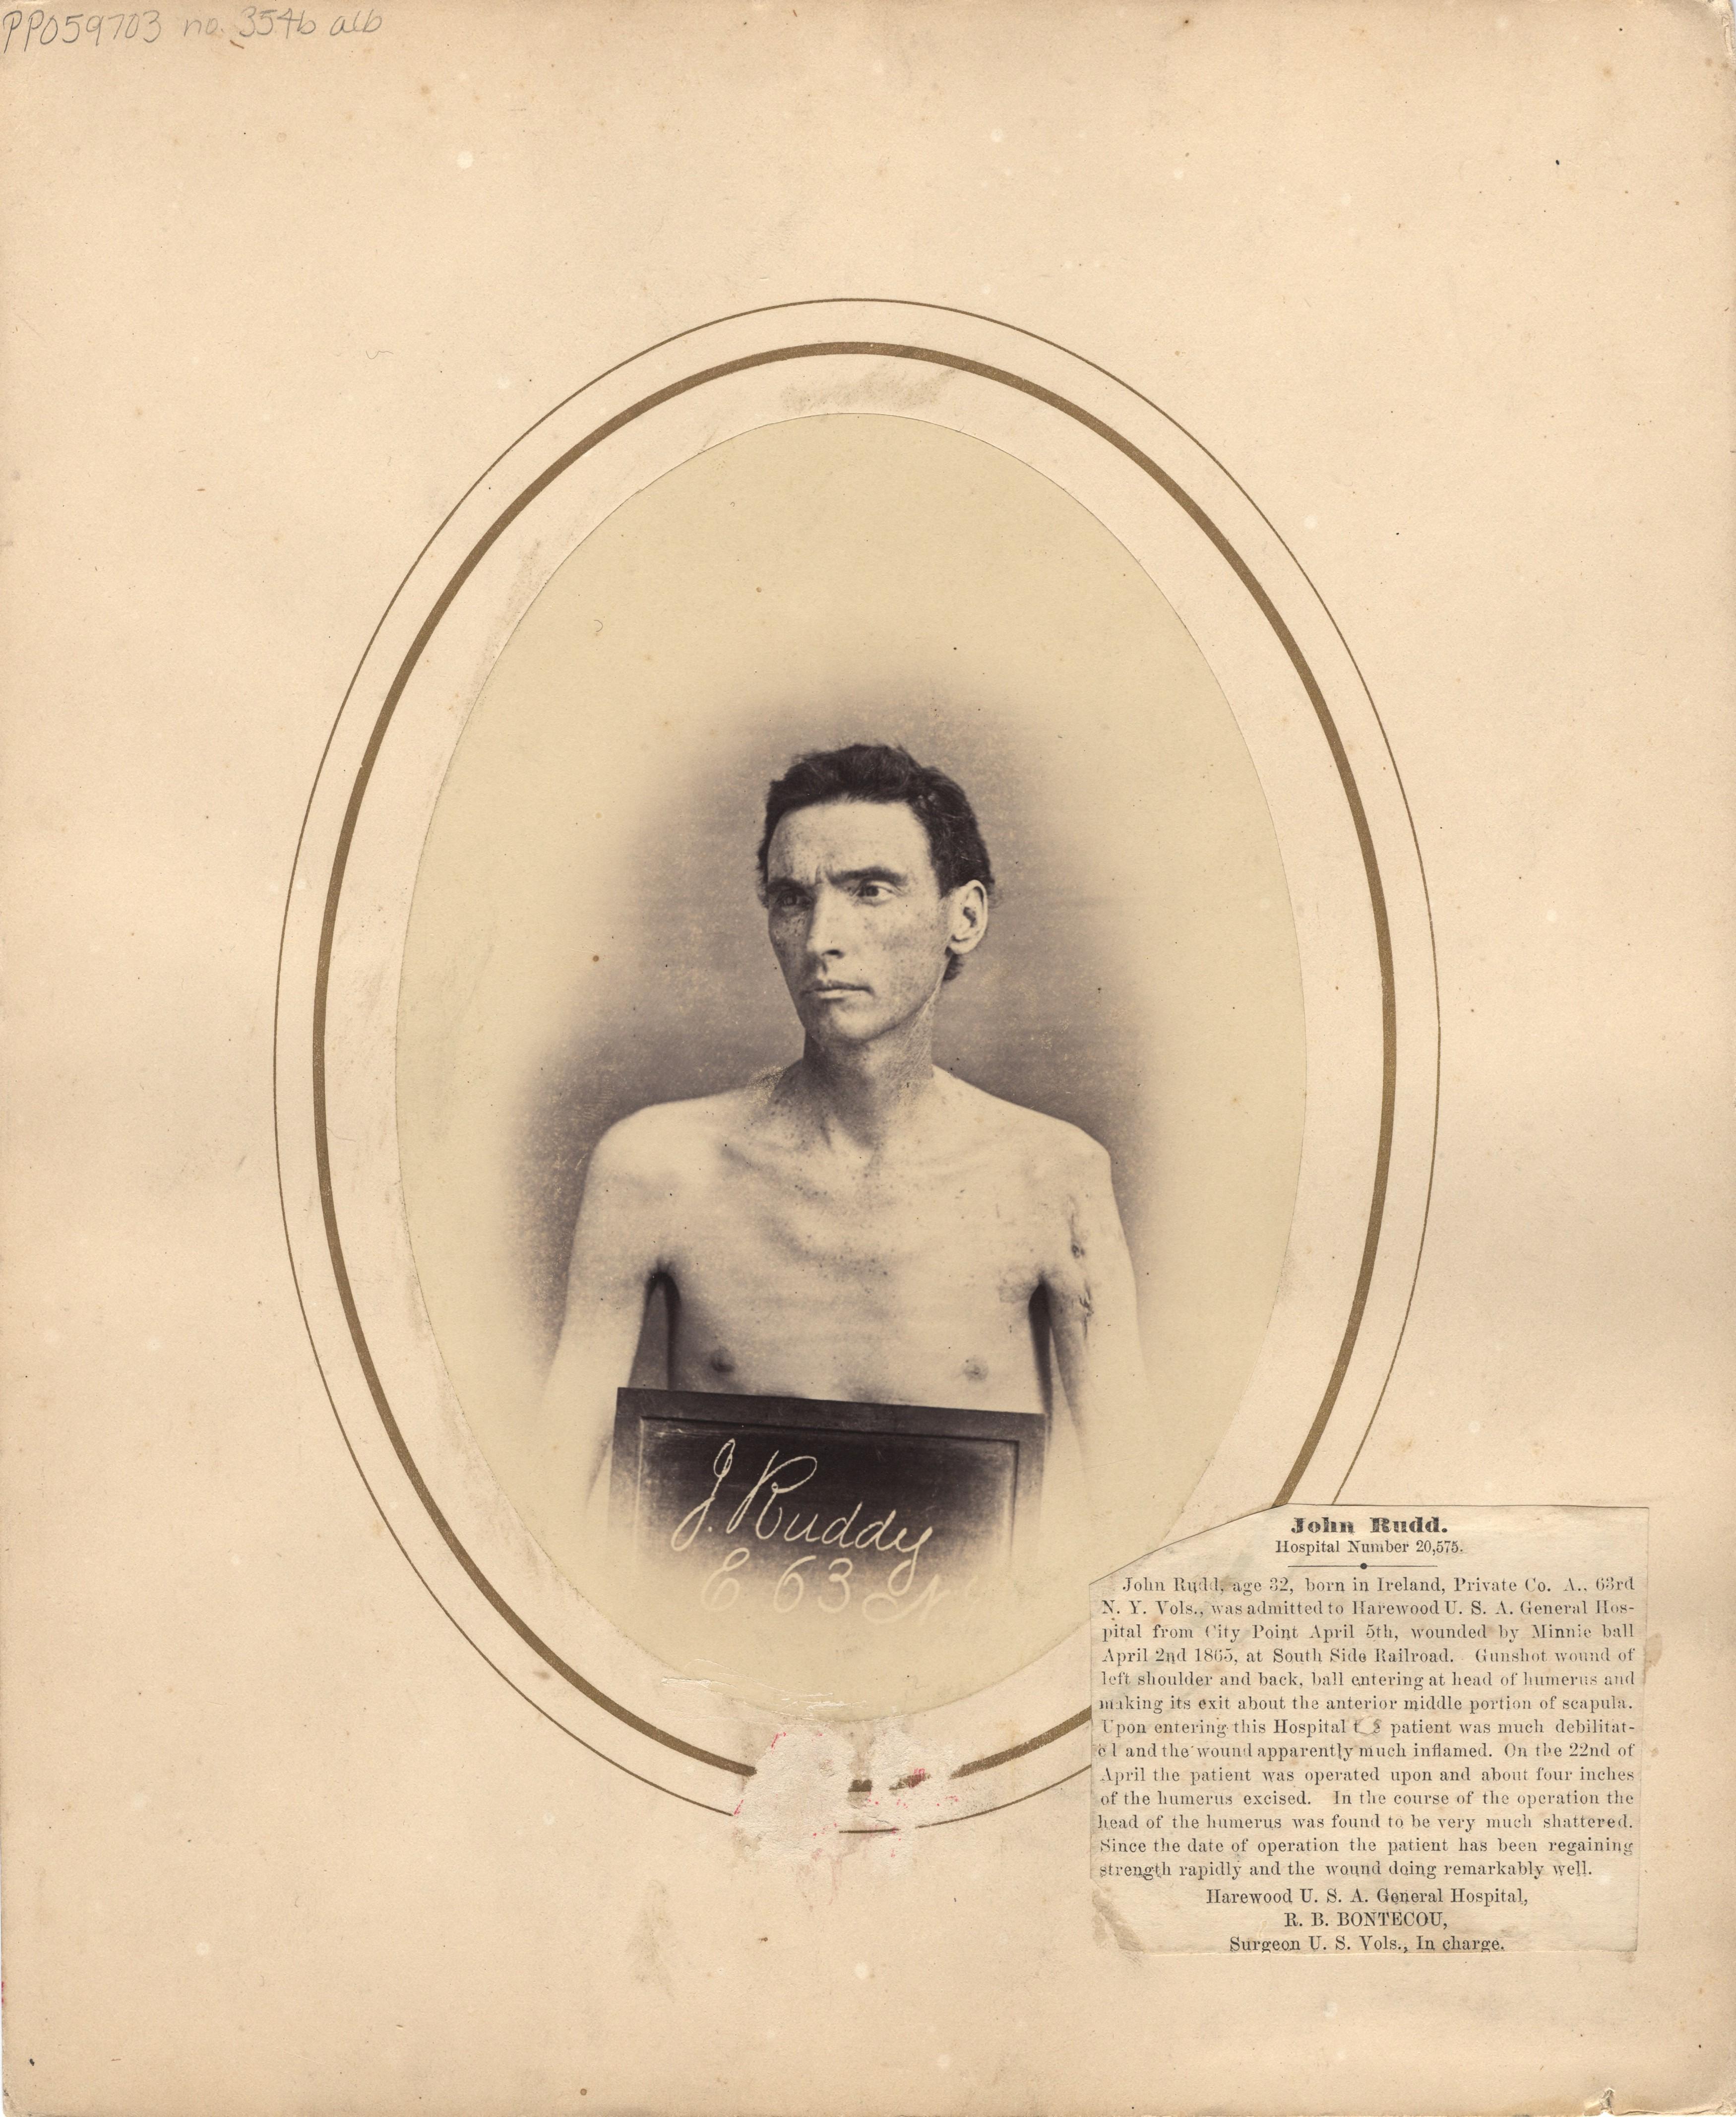 Fotó: Reed B. Bontecou: Edward Estelle, 42 éves közlegény,  aki 1865. április 2-án sebesült meg a Petersburgh-i csatában, The National Library of Medicine